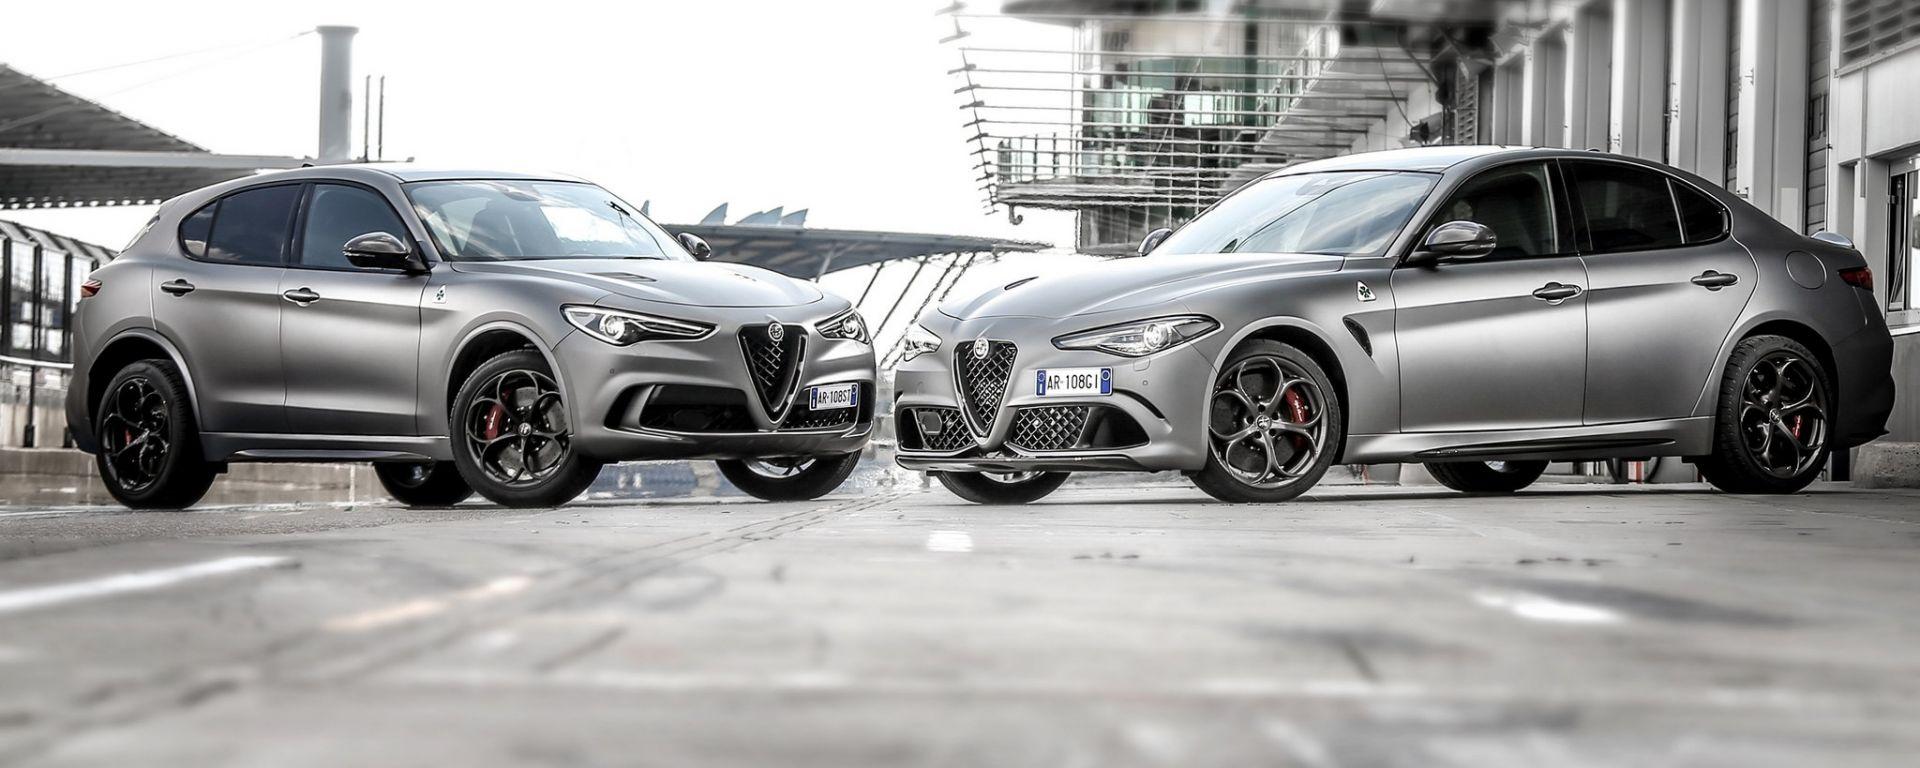 Giulia e Stelvio Car of the year 2019: hanno vinto perché...